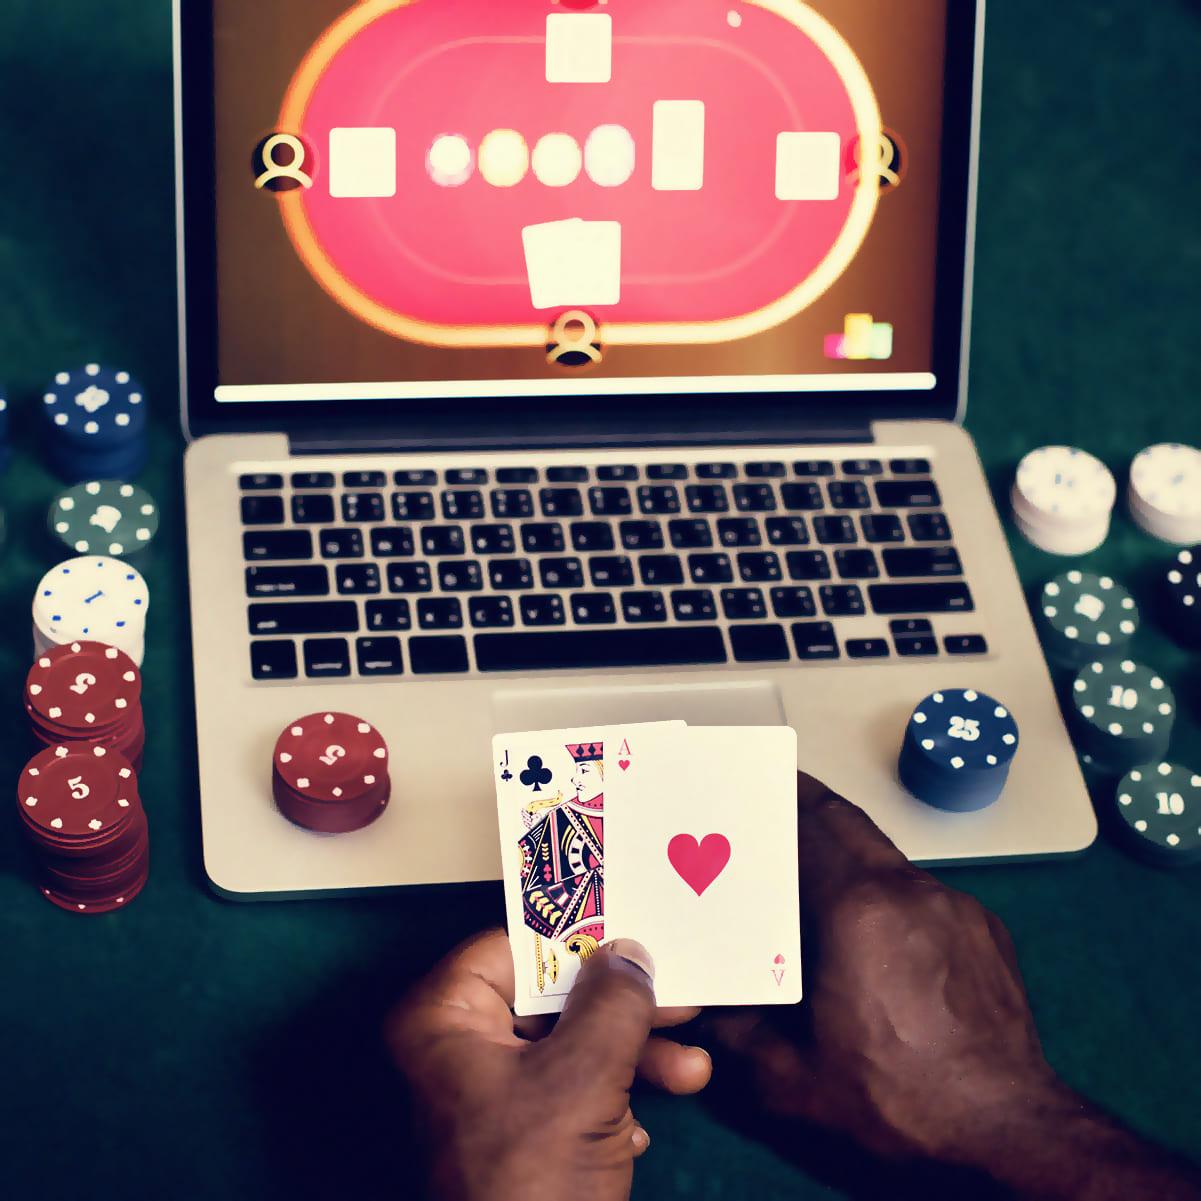 Online Betting Regulation in Cameroon